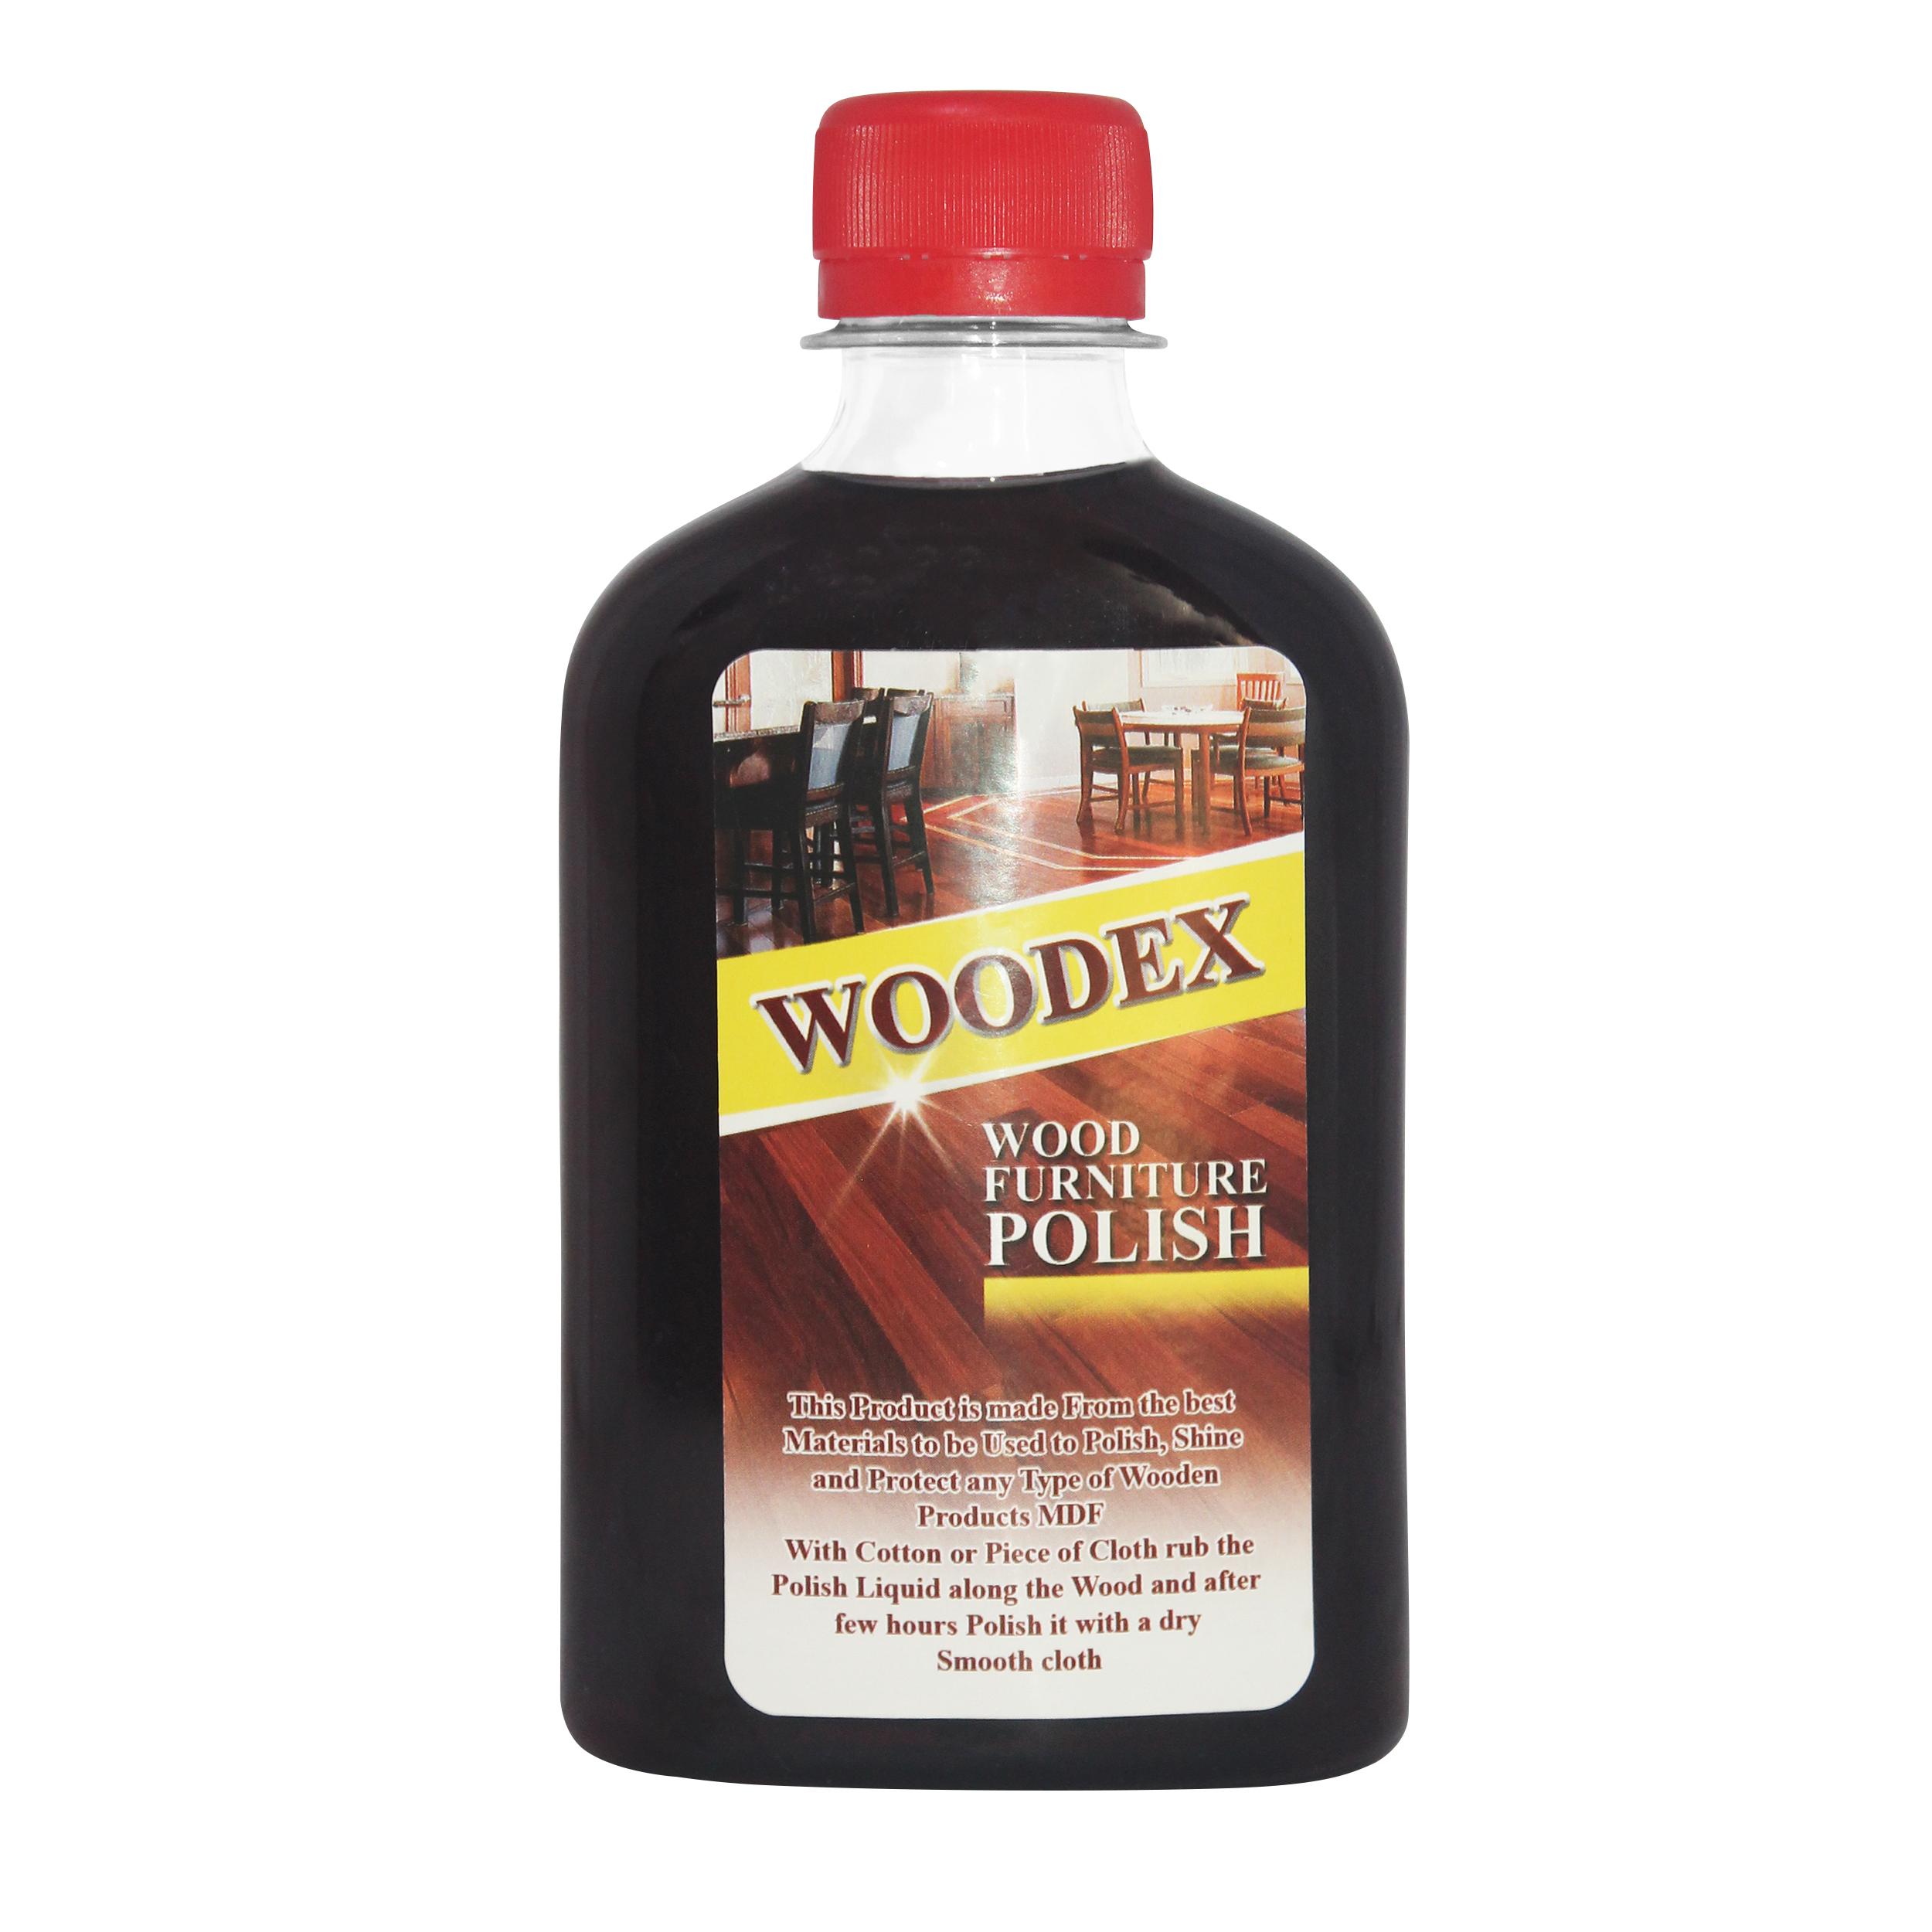 واکس براق کننده چوب وودکس مدل F حجم 250 میلی لیتر بسته 50 عددی              ( قیمت عمده )